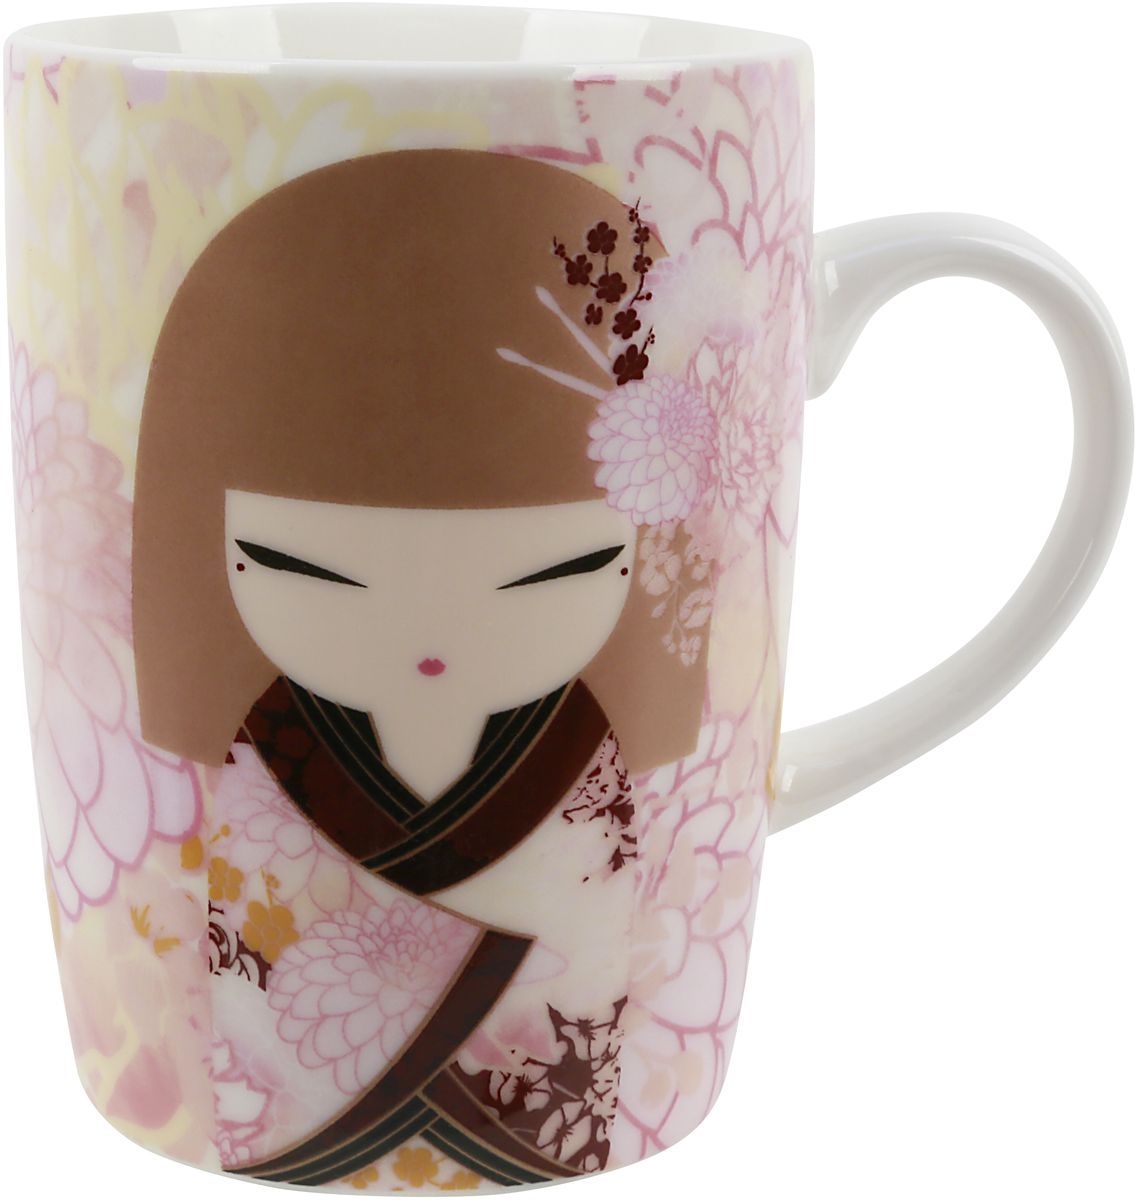 Элегантная фарфоровая кружка, которая оформлена в традиционном японском стиле. Понравится всем ценителям прекрасного.